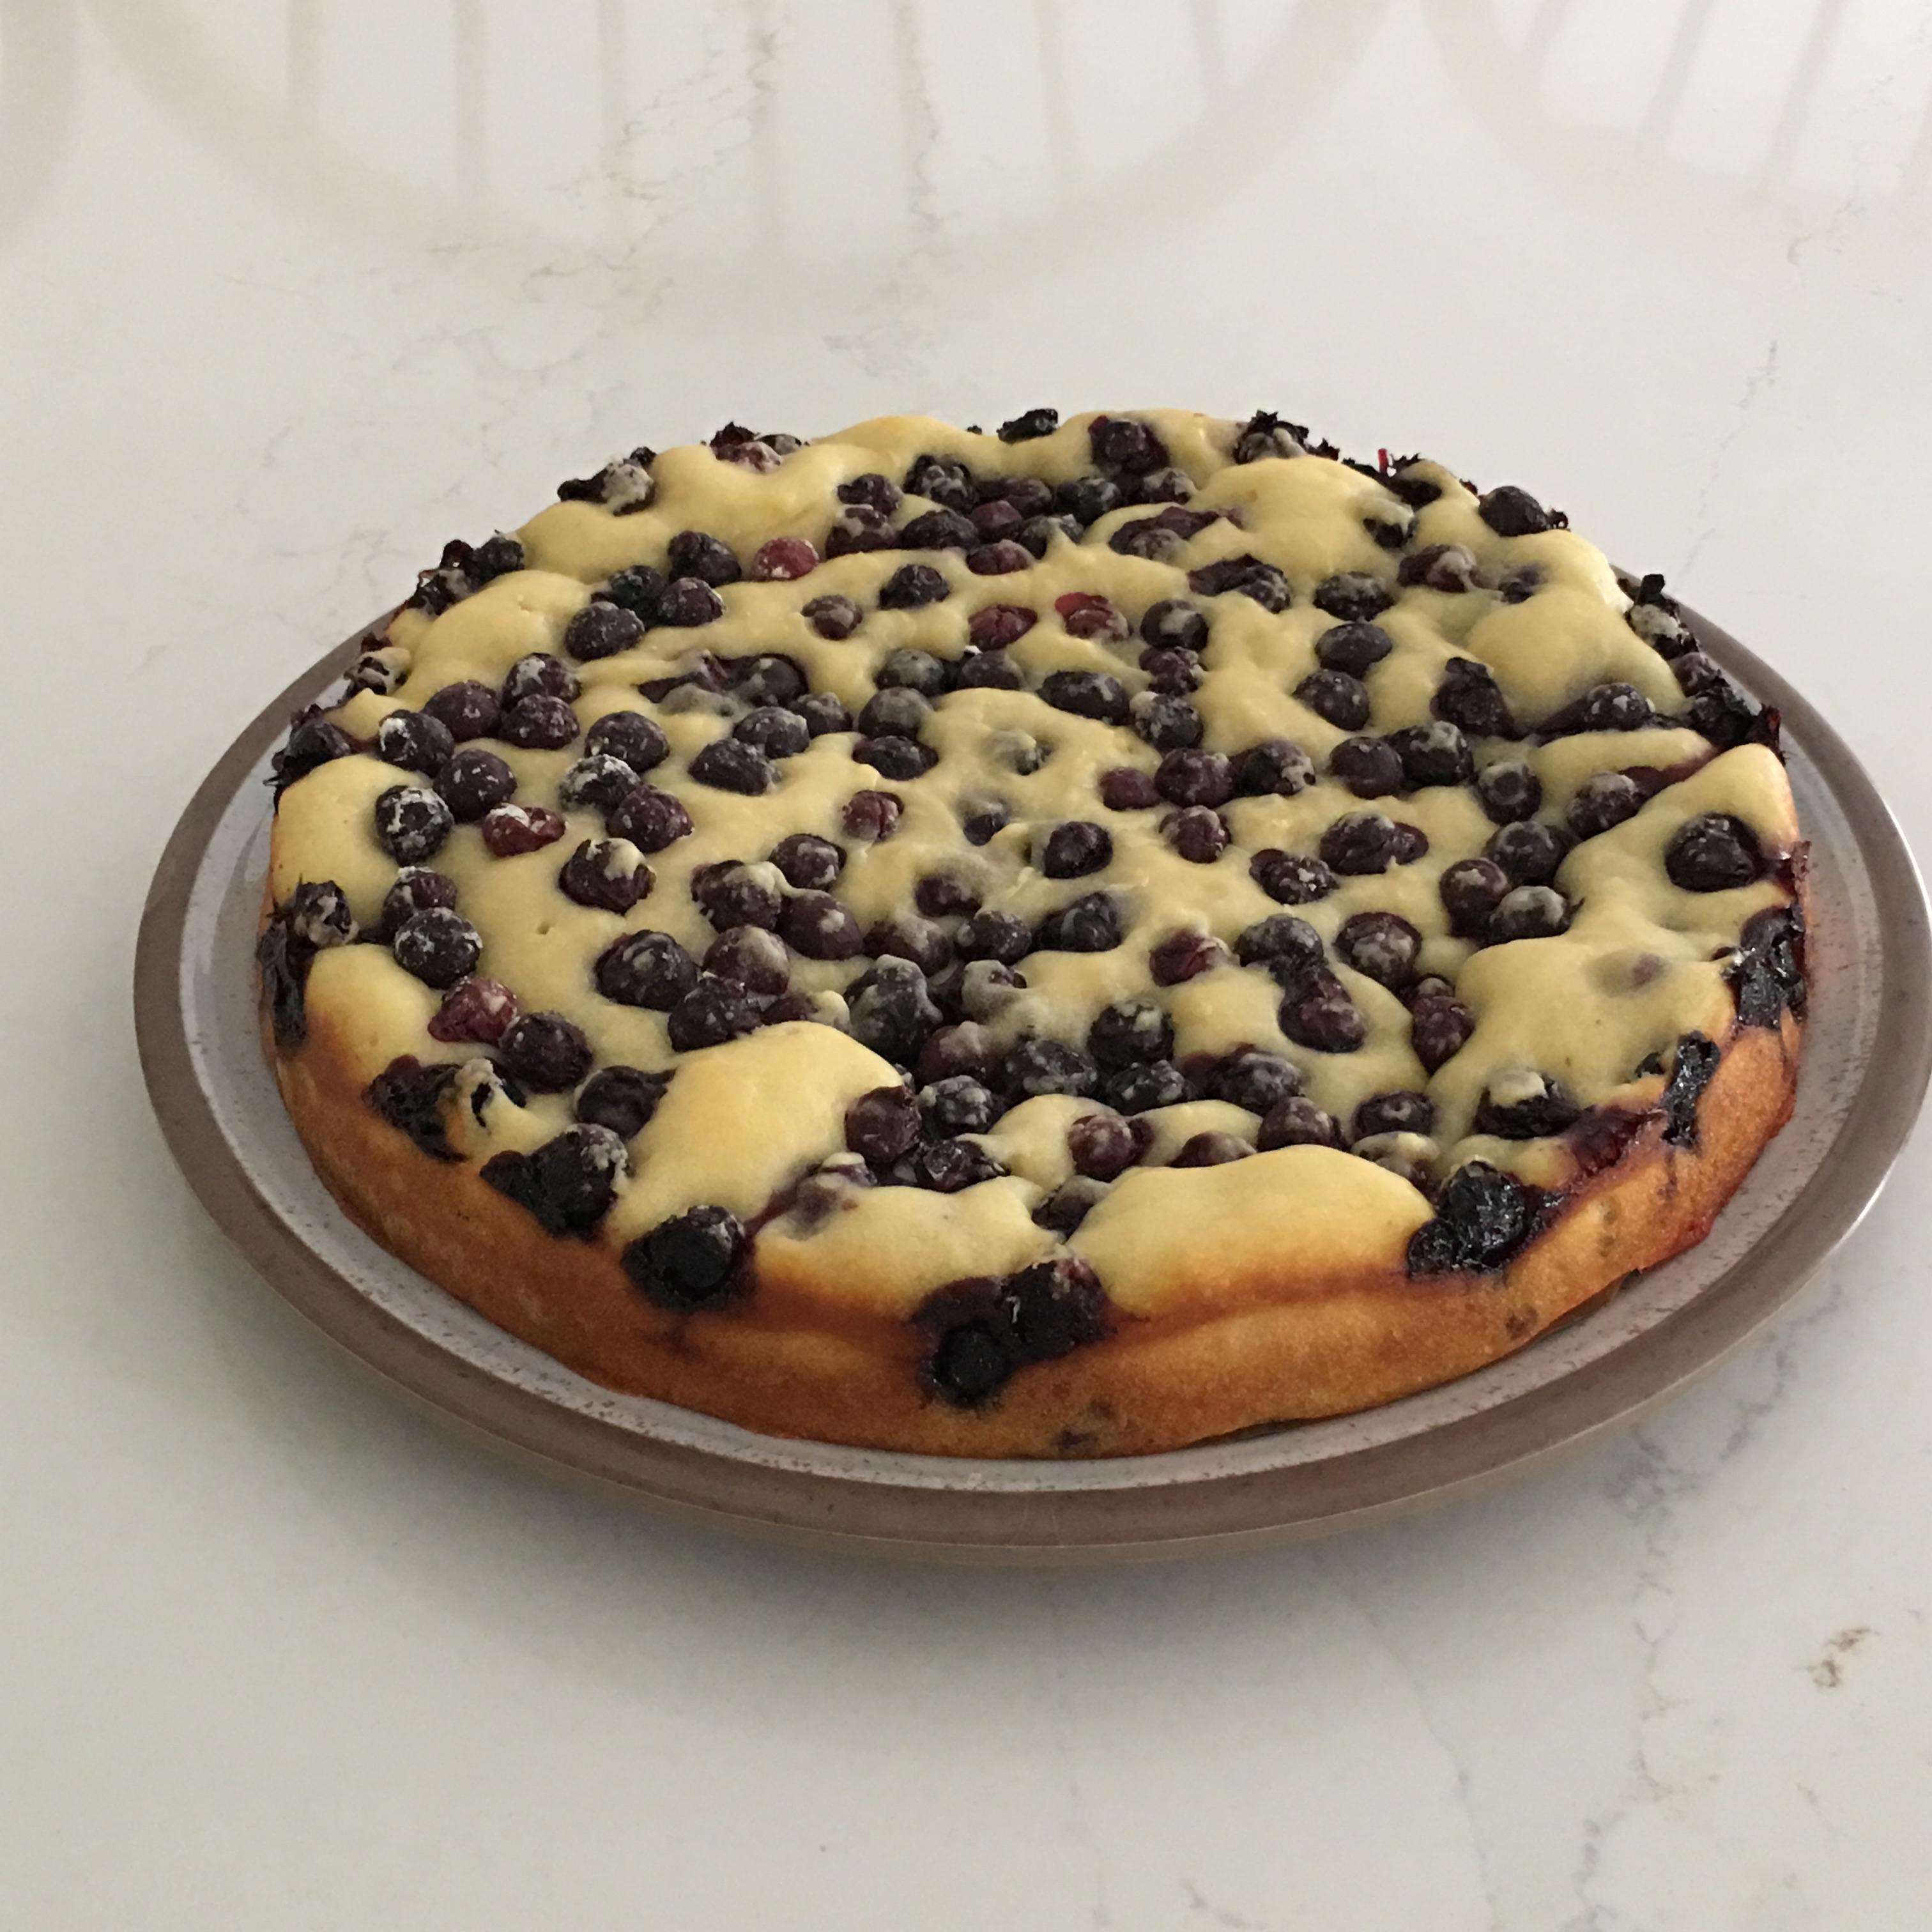 Fresh Blueberry-Lemon Cake